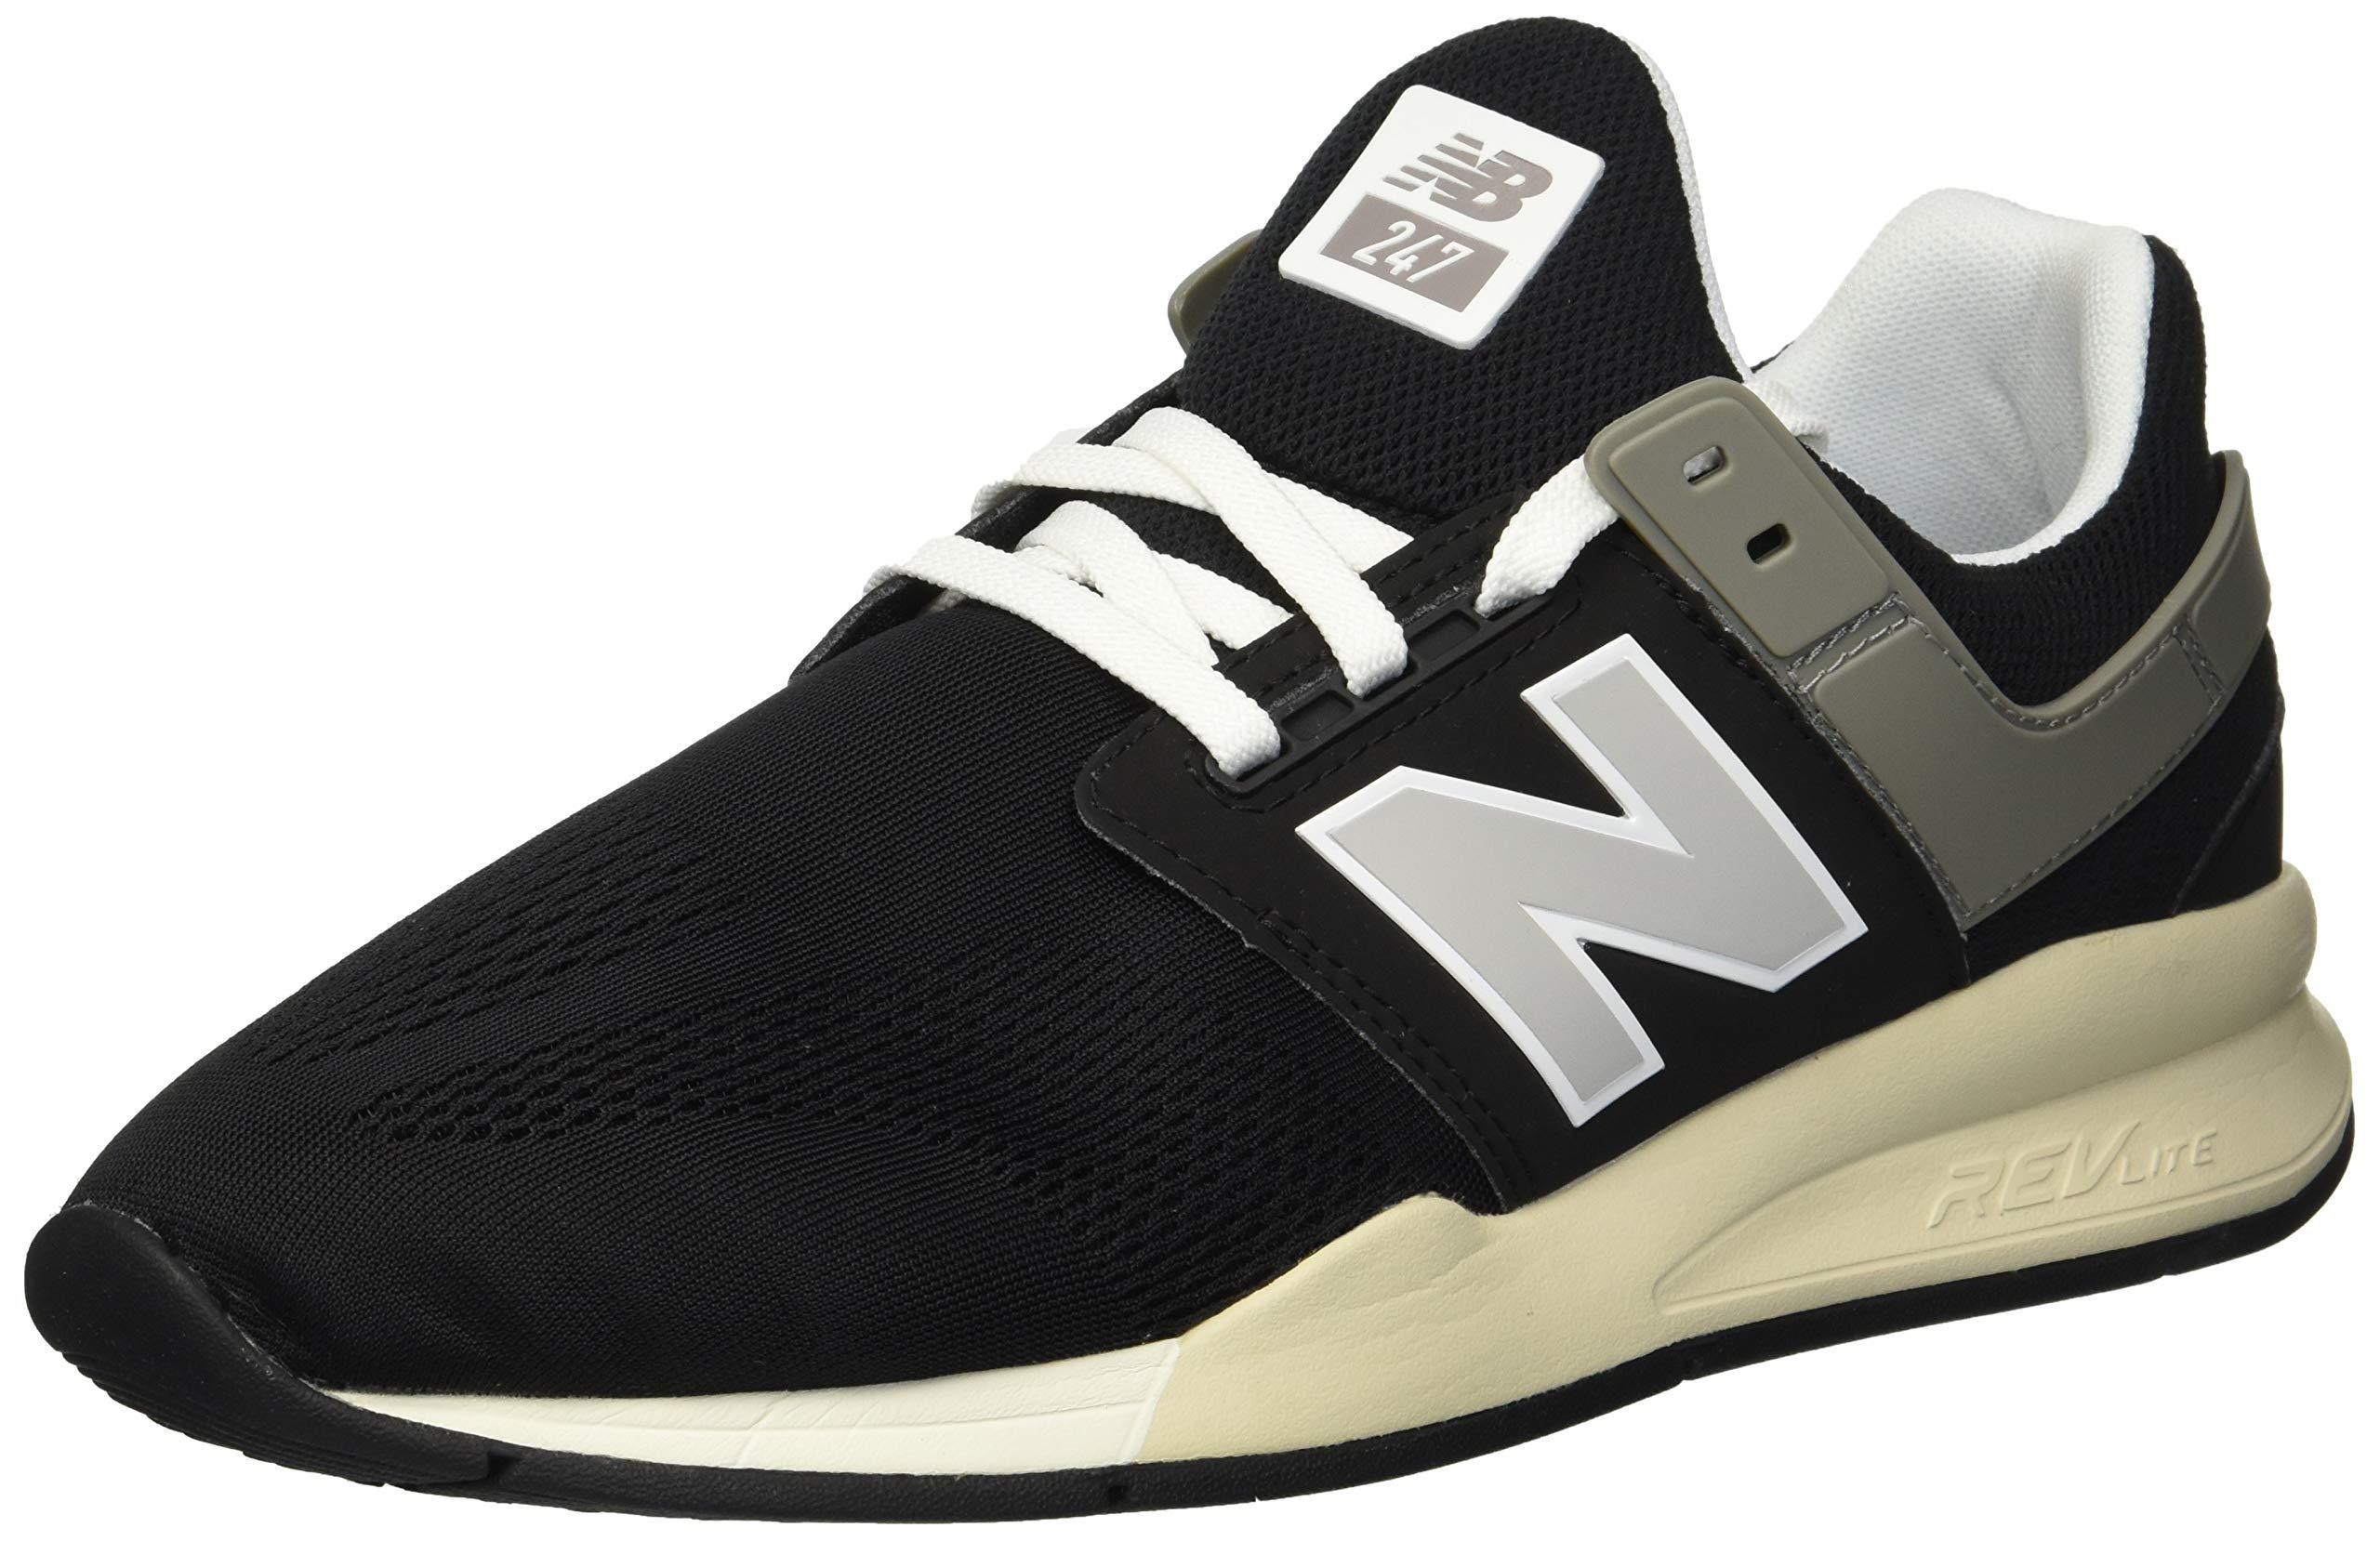 New Balance Men's 247v2 Sneaker- Buy